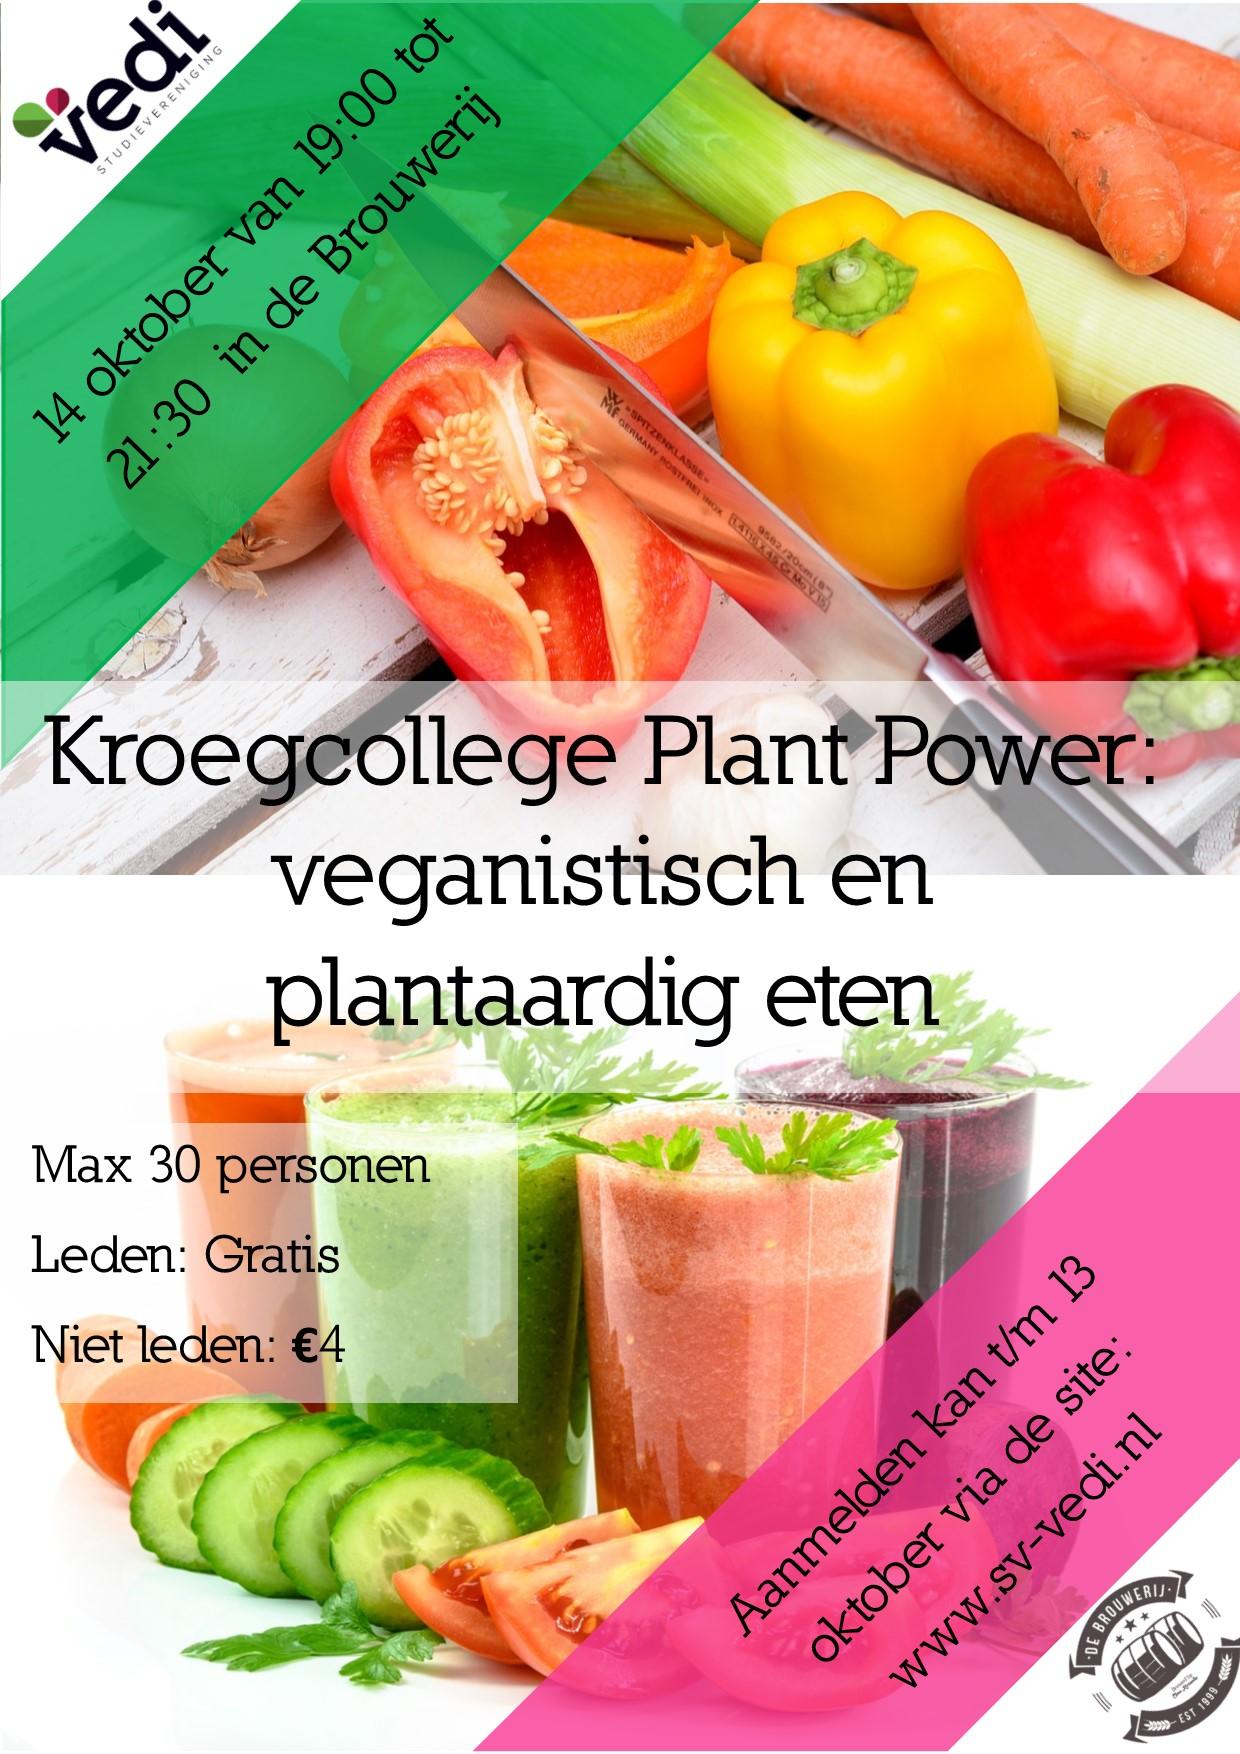 Kroegcollege veganistisch en plantaardig eten